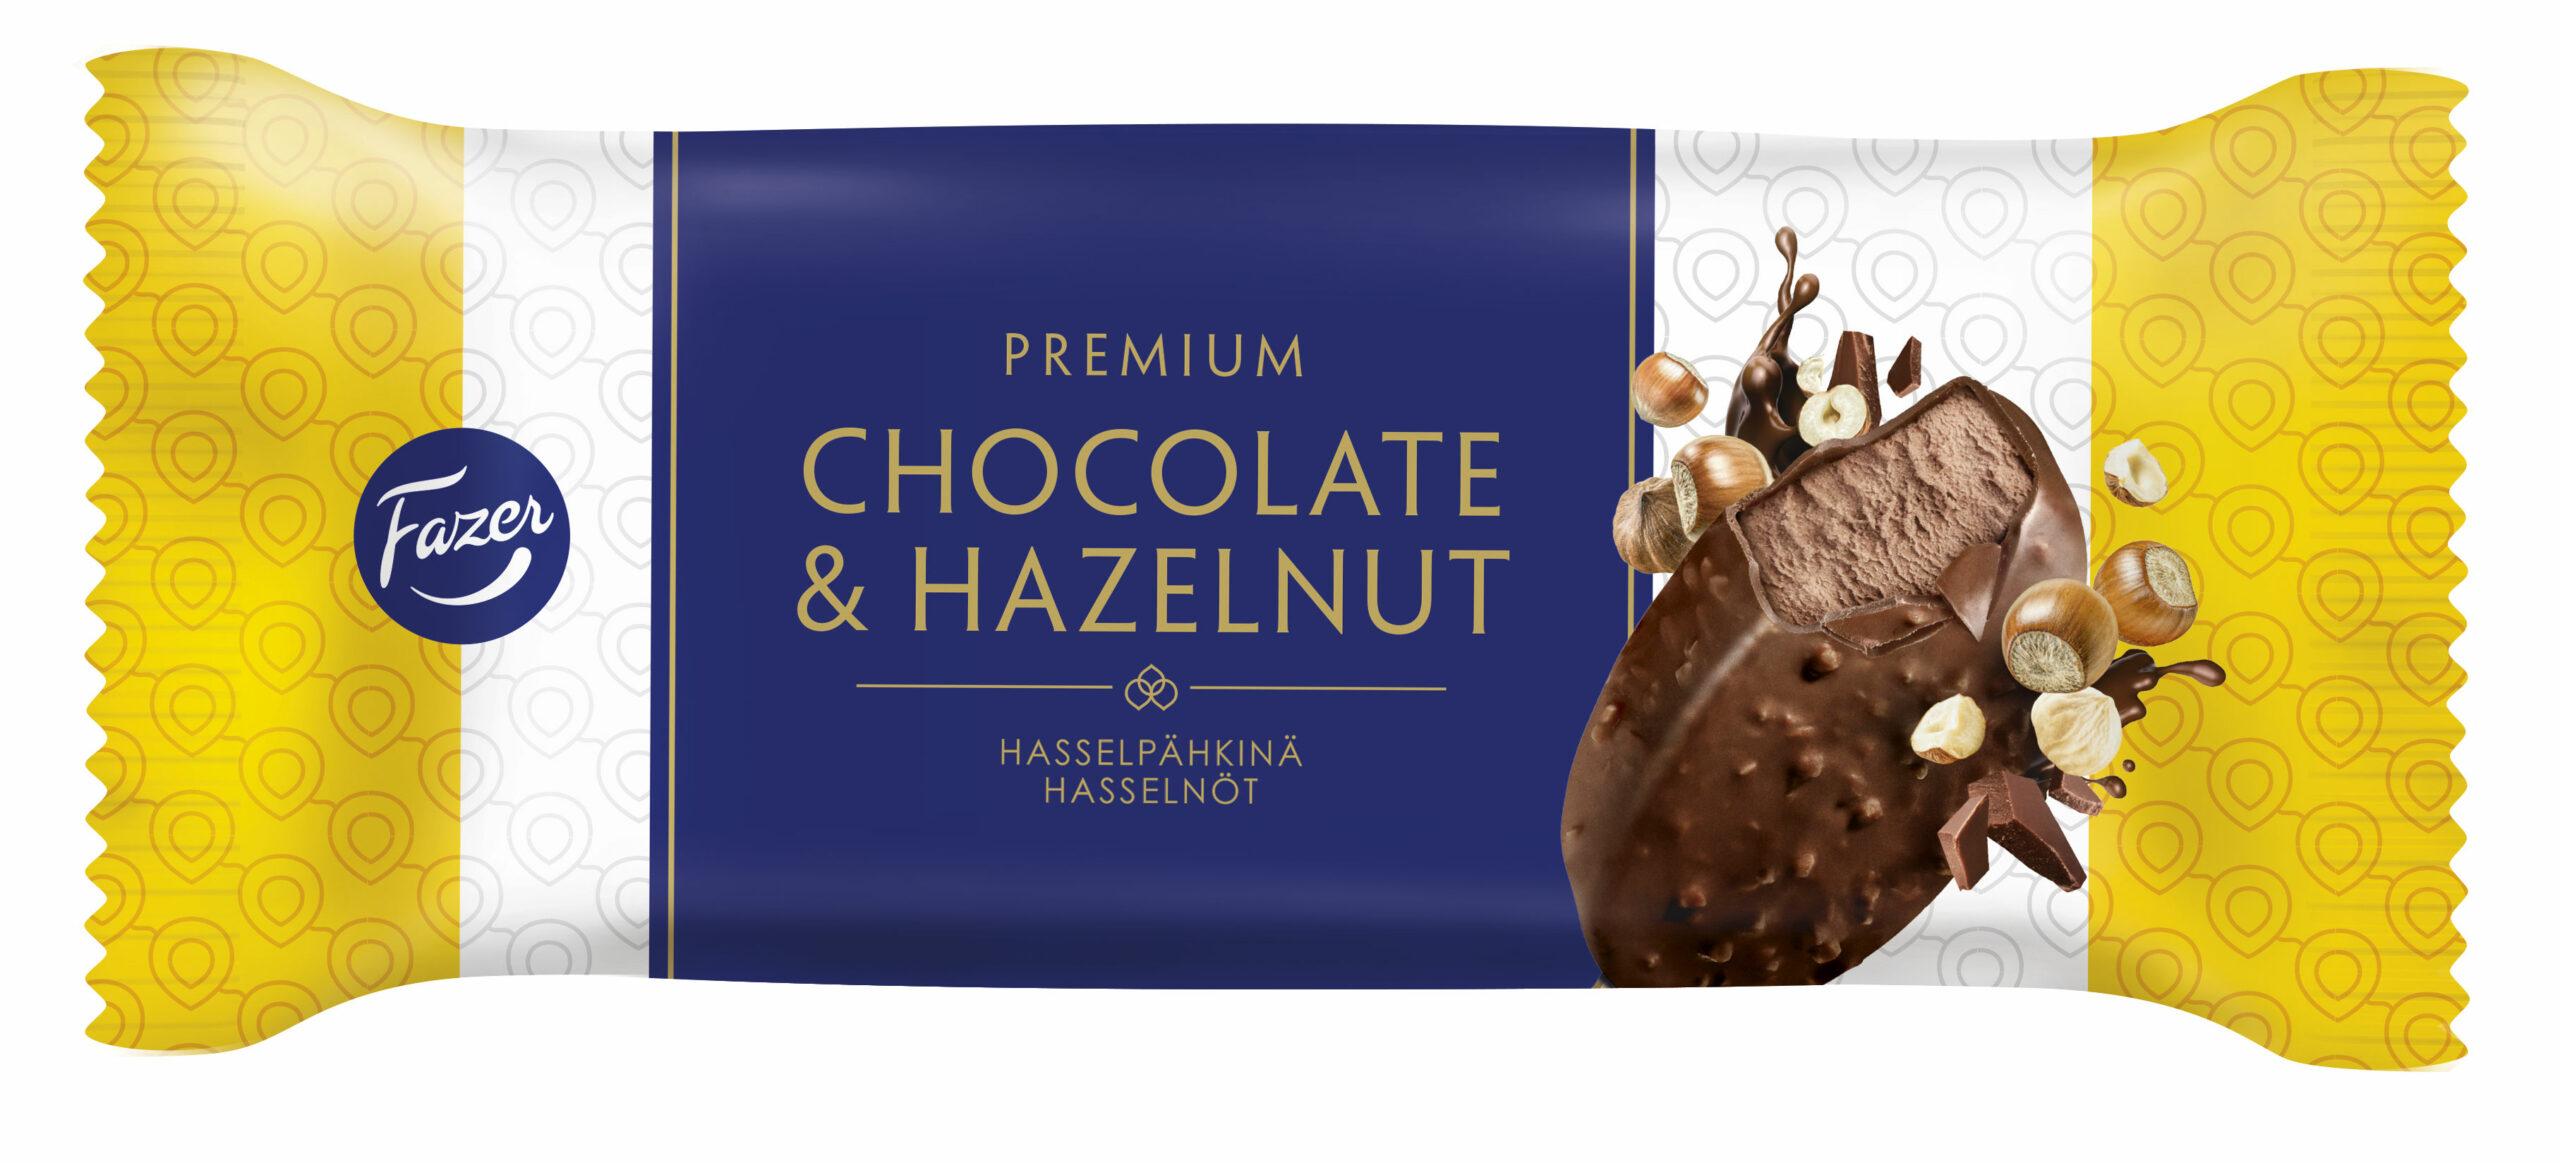 Fazer Premium hasselpähkinä -jäätelön kääre.